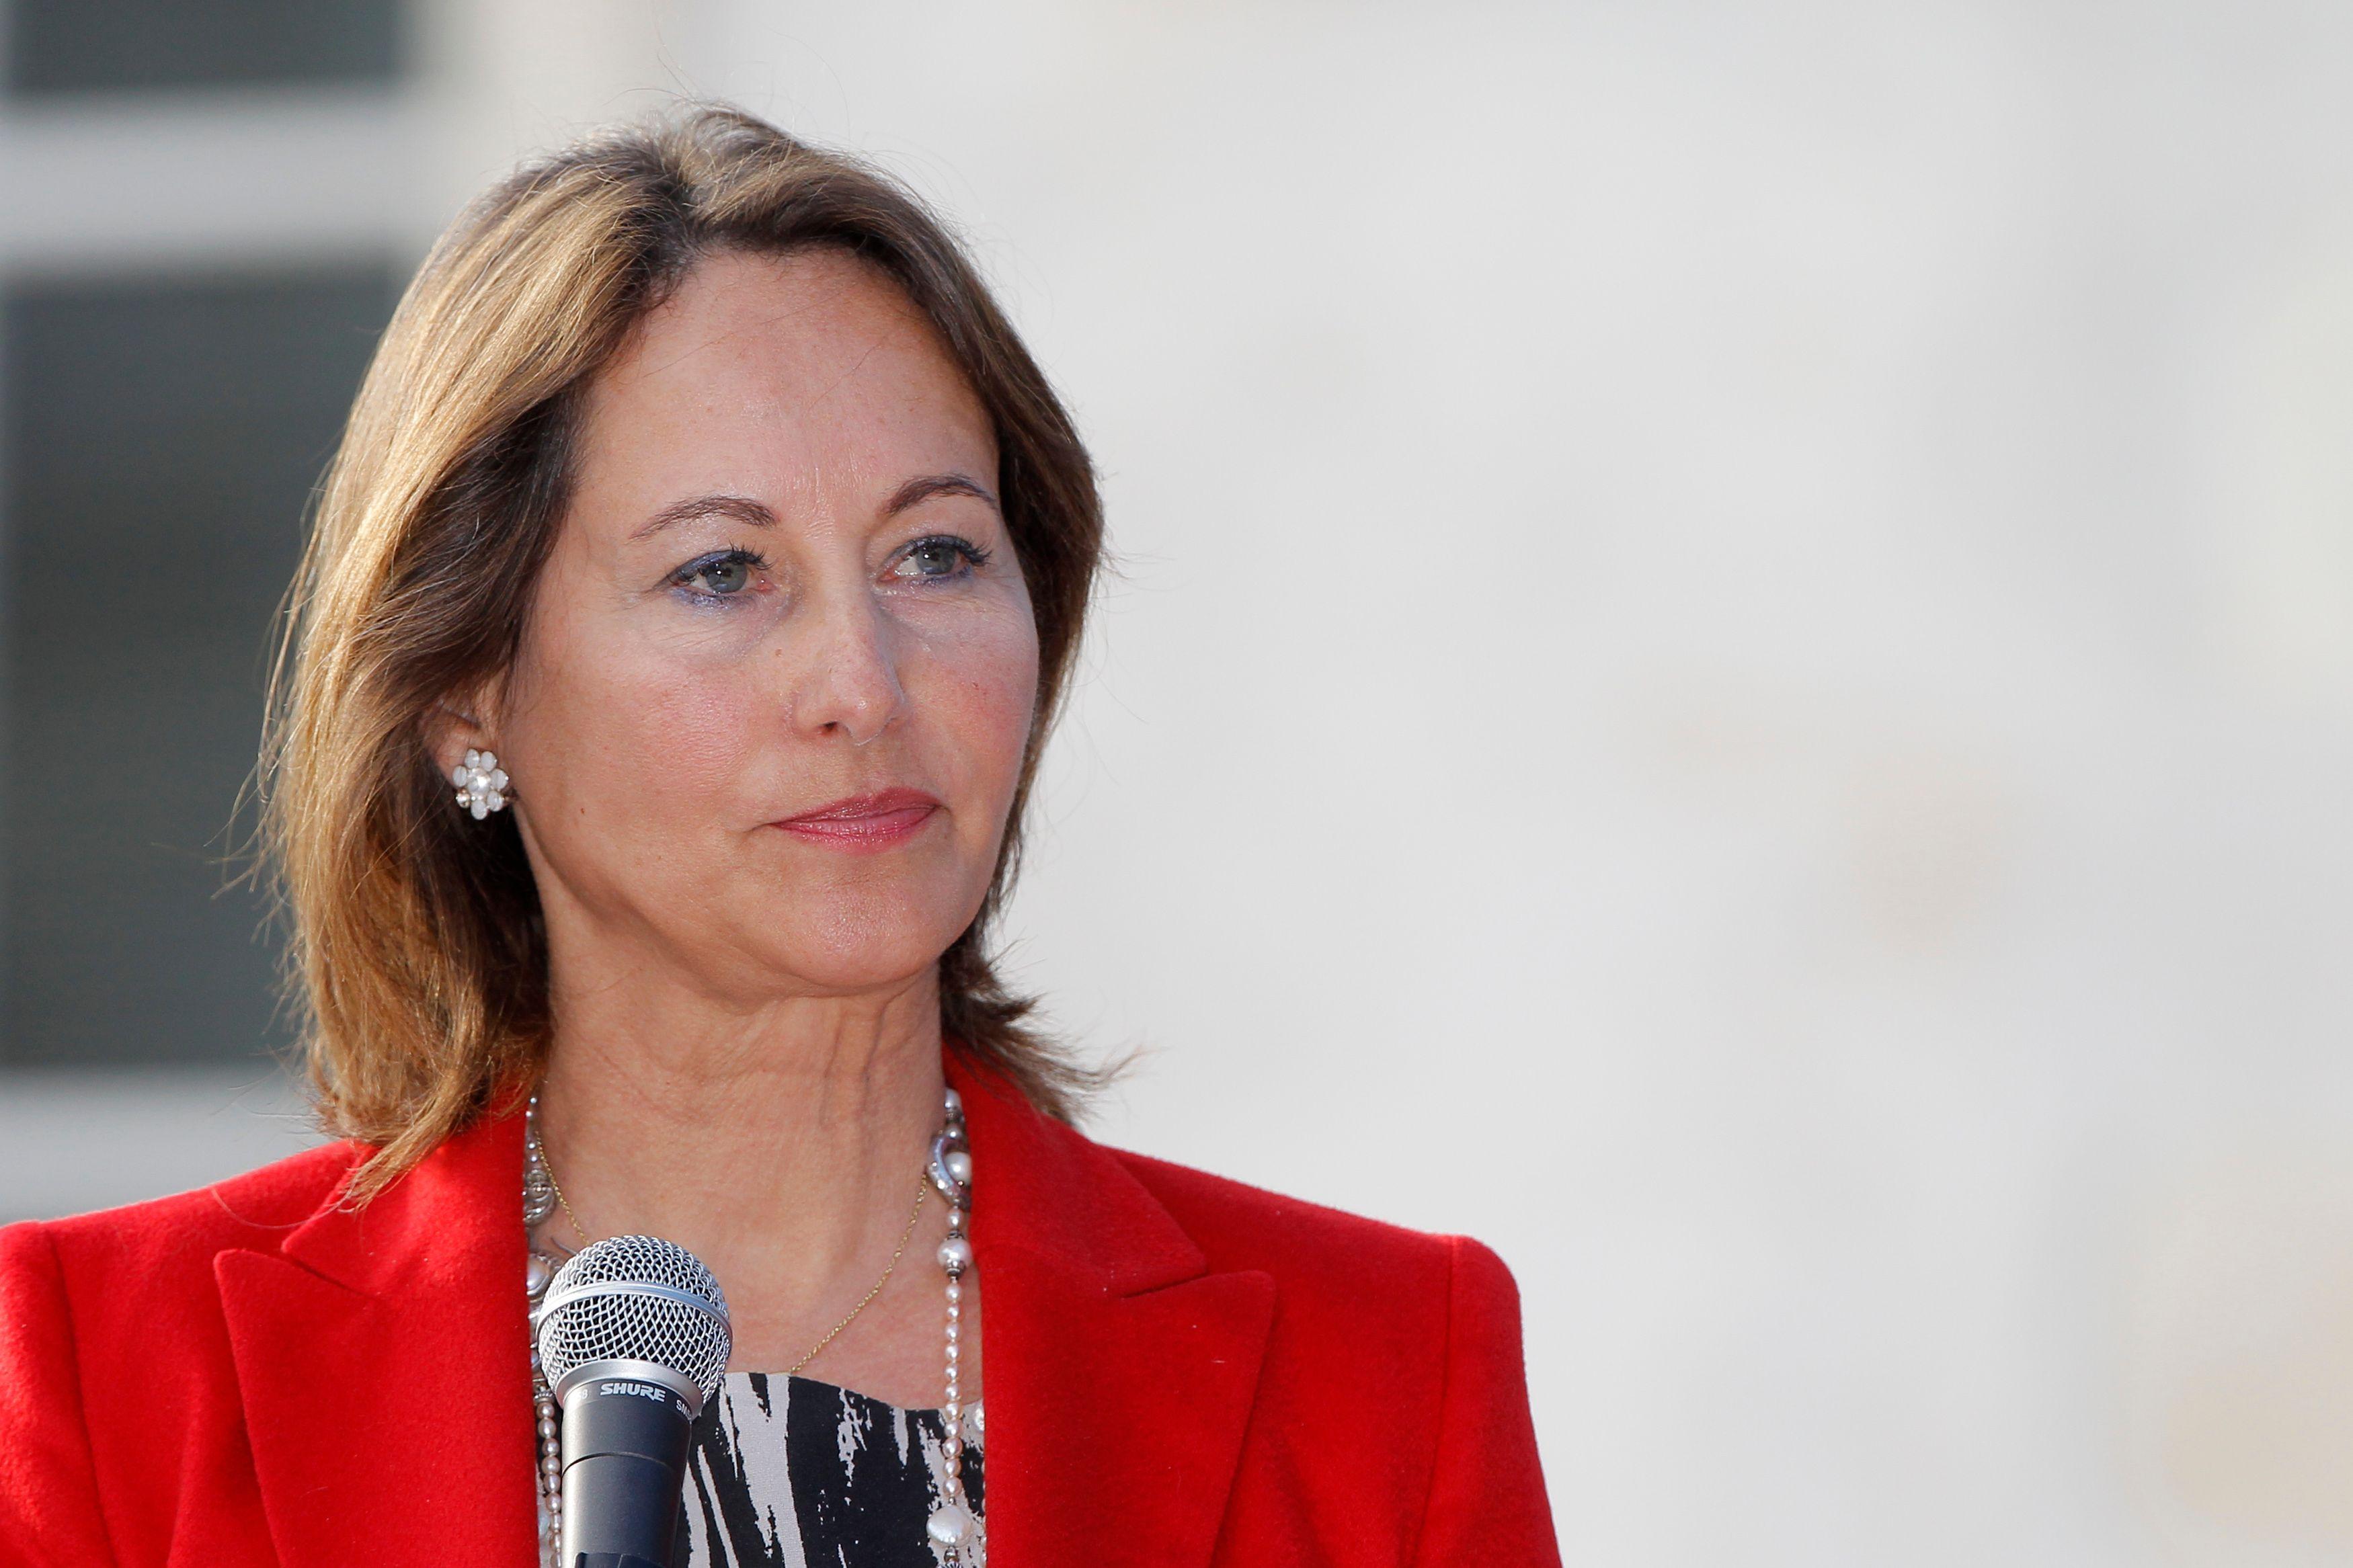 """Rumeurs de liaison entre Julie Gayet et François Hollande : """"Ilfaut tourner la page"""", dit Ségolène Royal"""